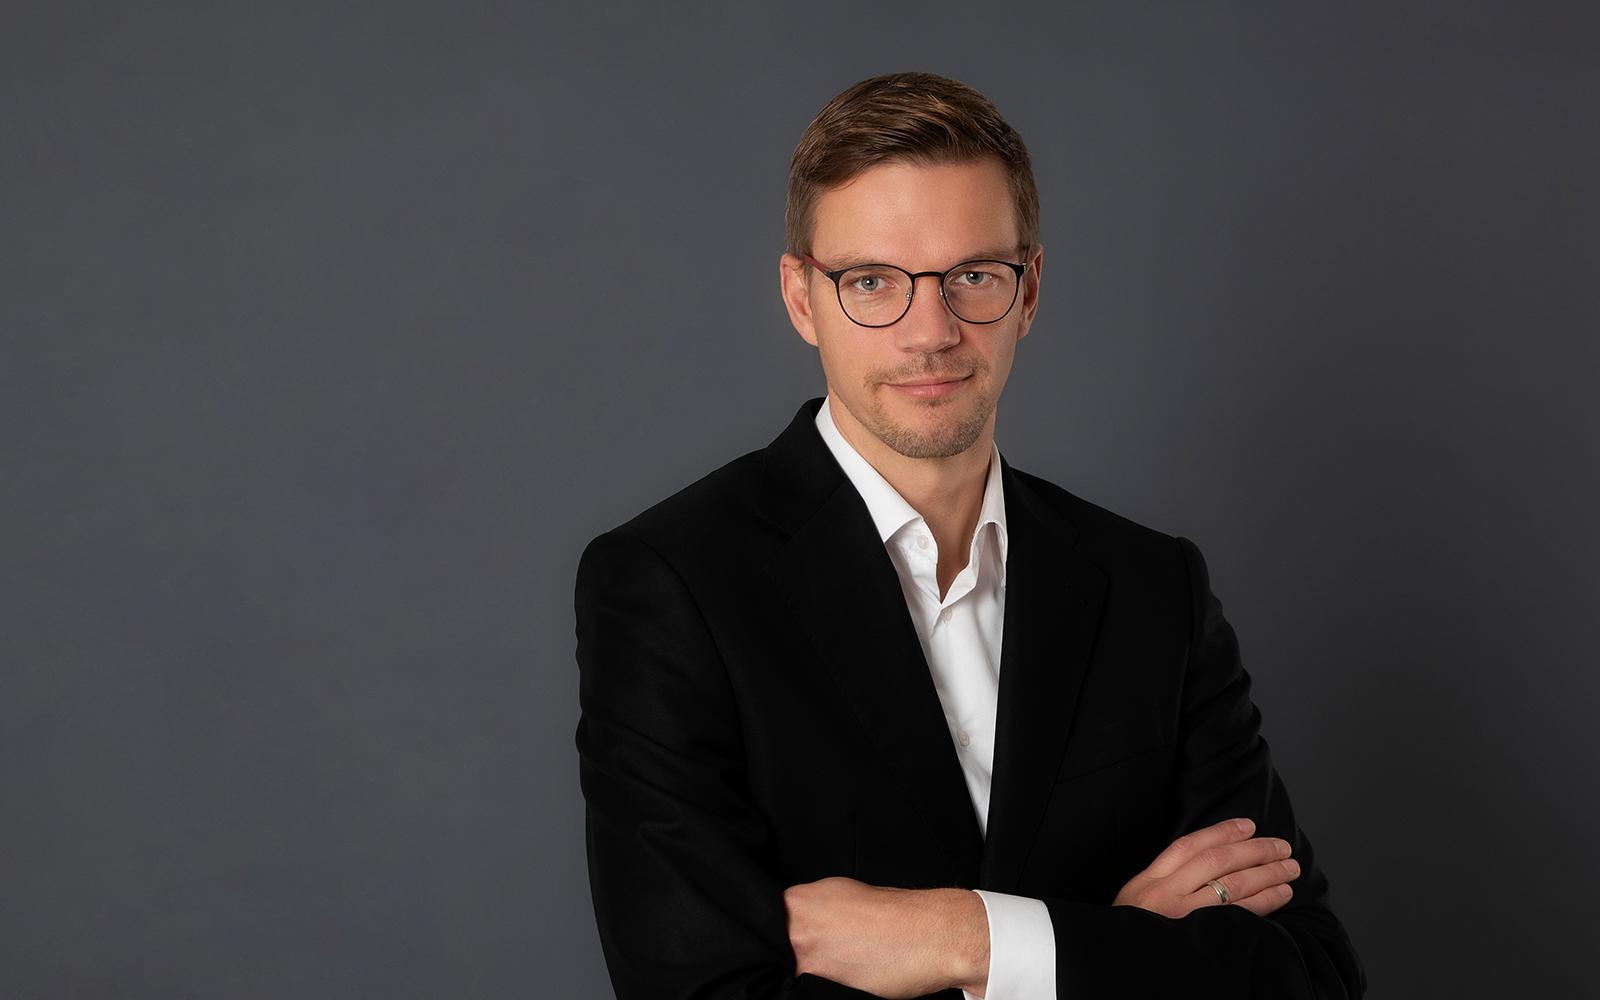 Geschäftsführer der EWG Ingo Niehaus